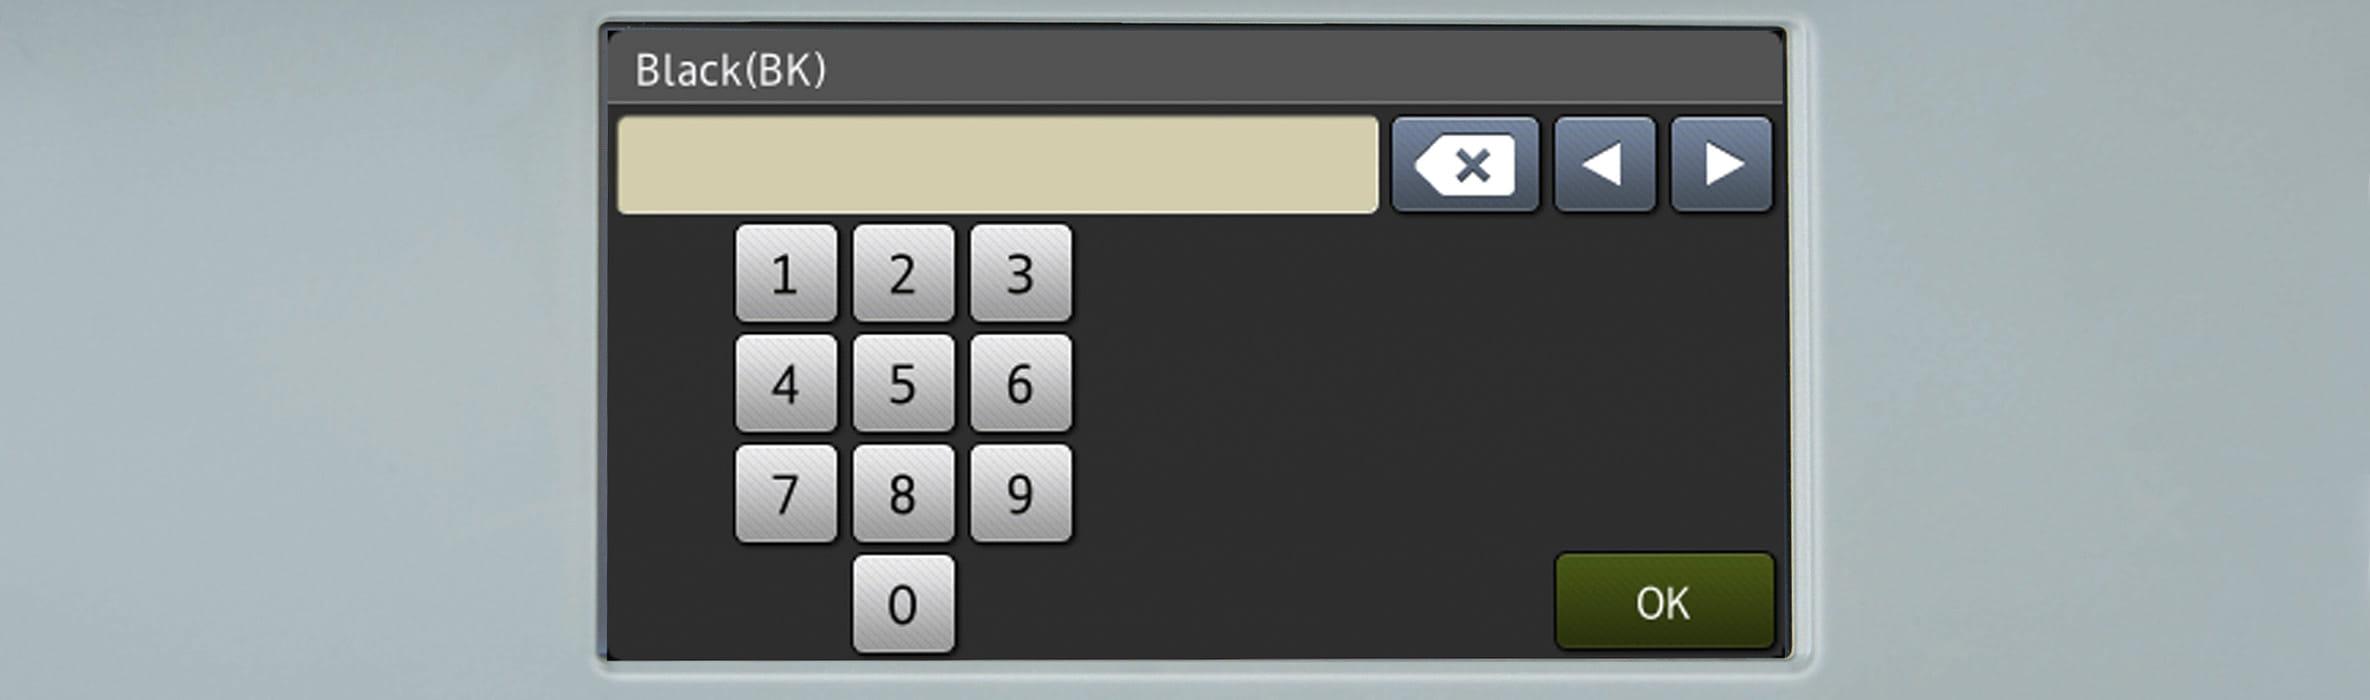 Talltaster på en skriverskjerm